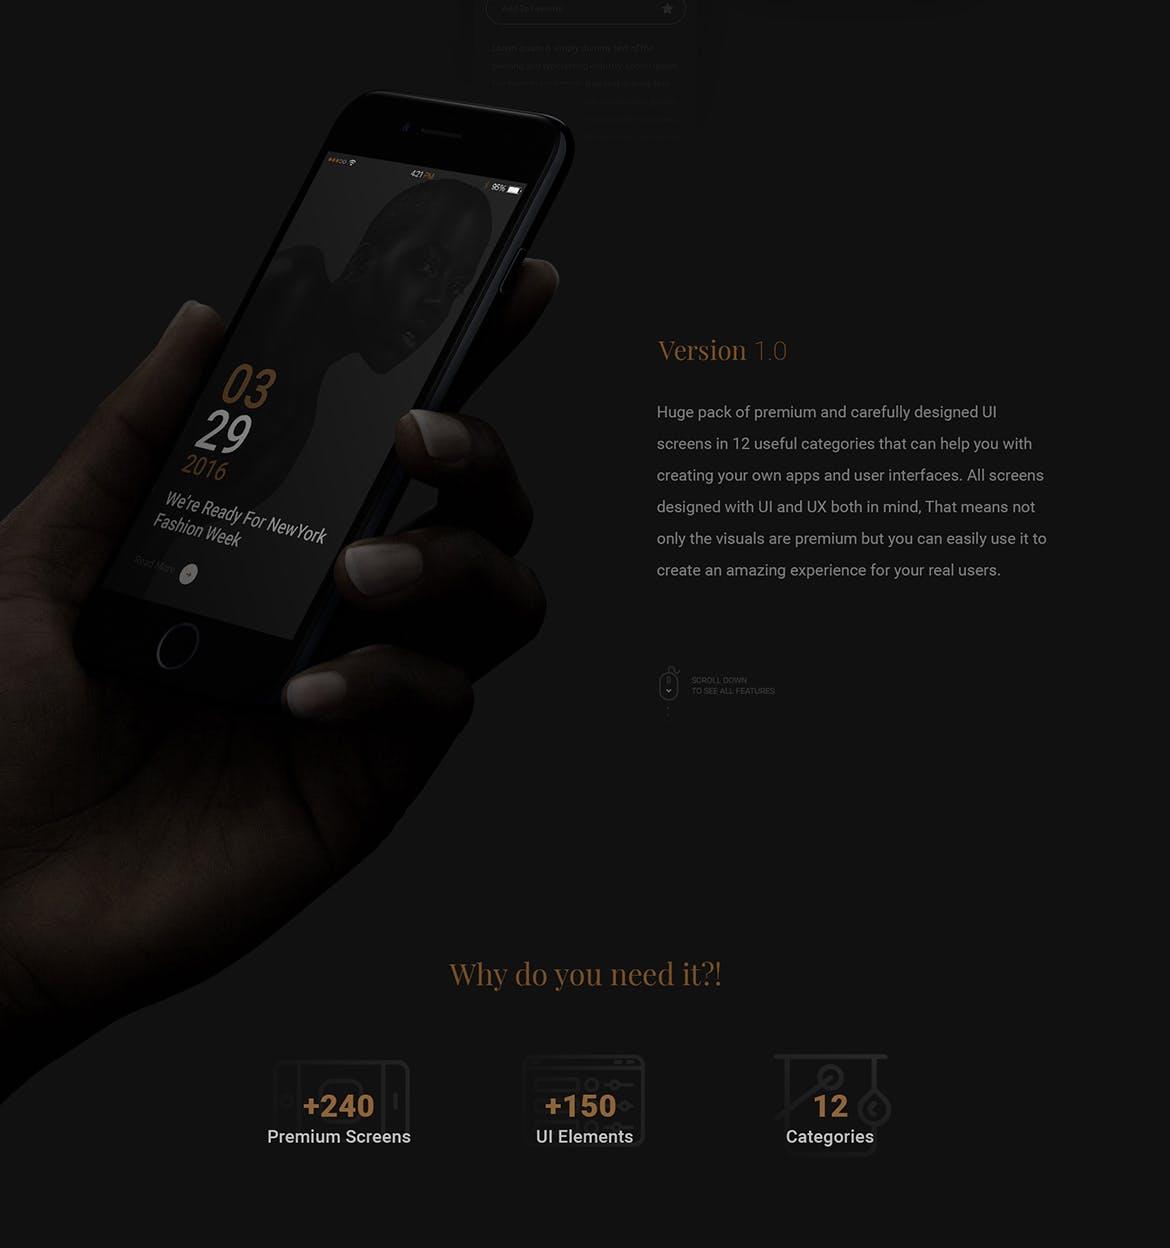 非常高端的冷酷时尚黑金质感音乐播放APP UI KITS设计素材模板